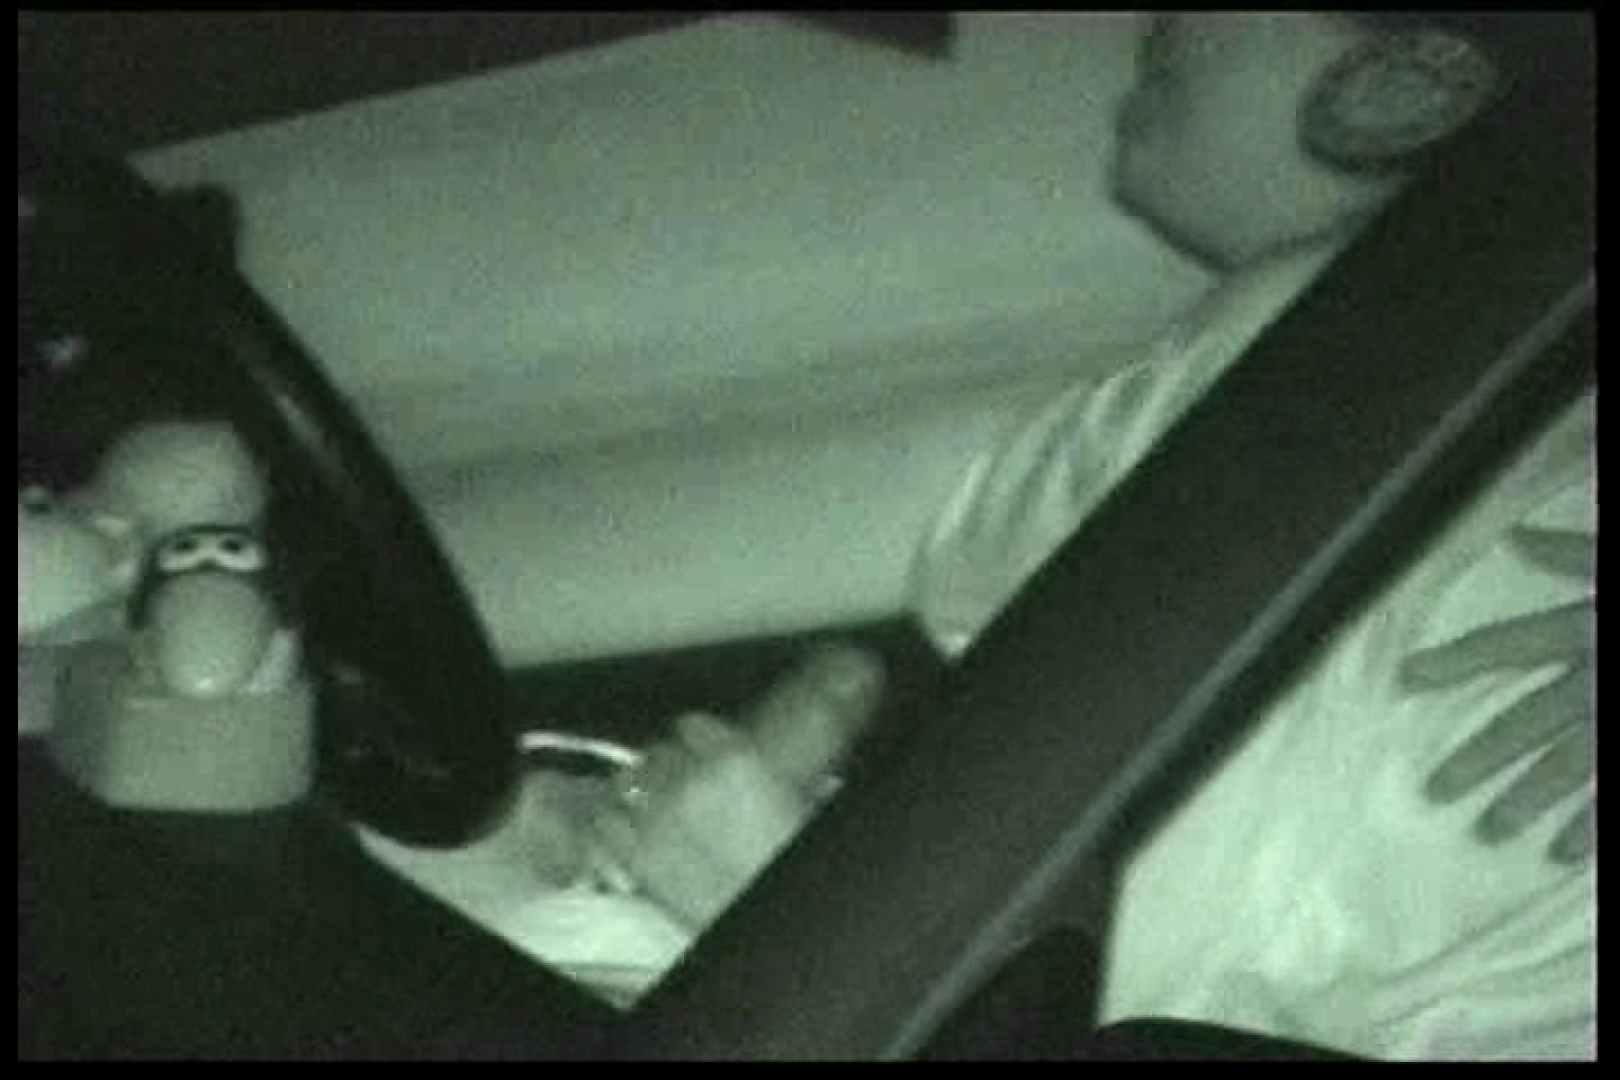 車の中はラブホテル 無修正版  Vol.13 ラブホテル 盗み撮り動画キャプチャ 65PIX 35